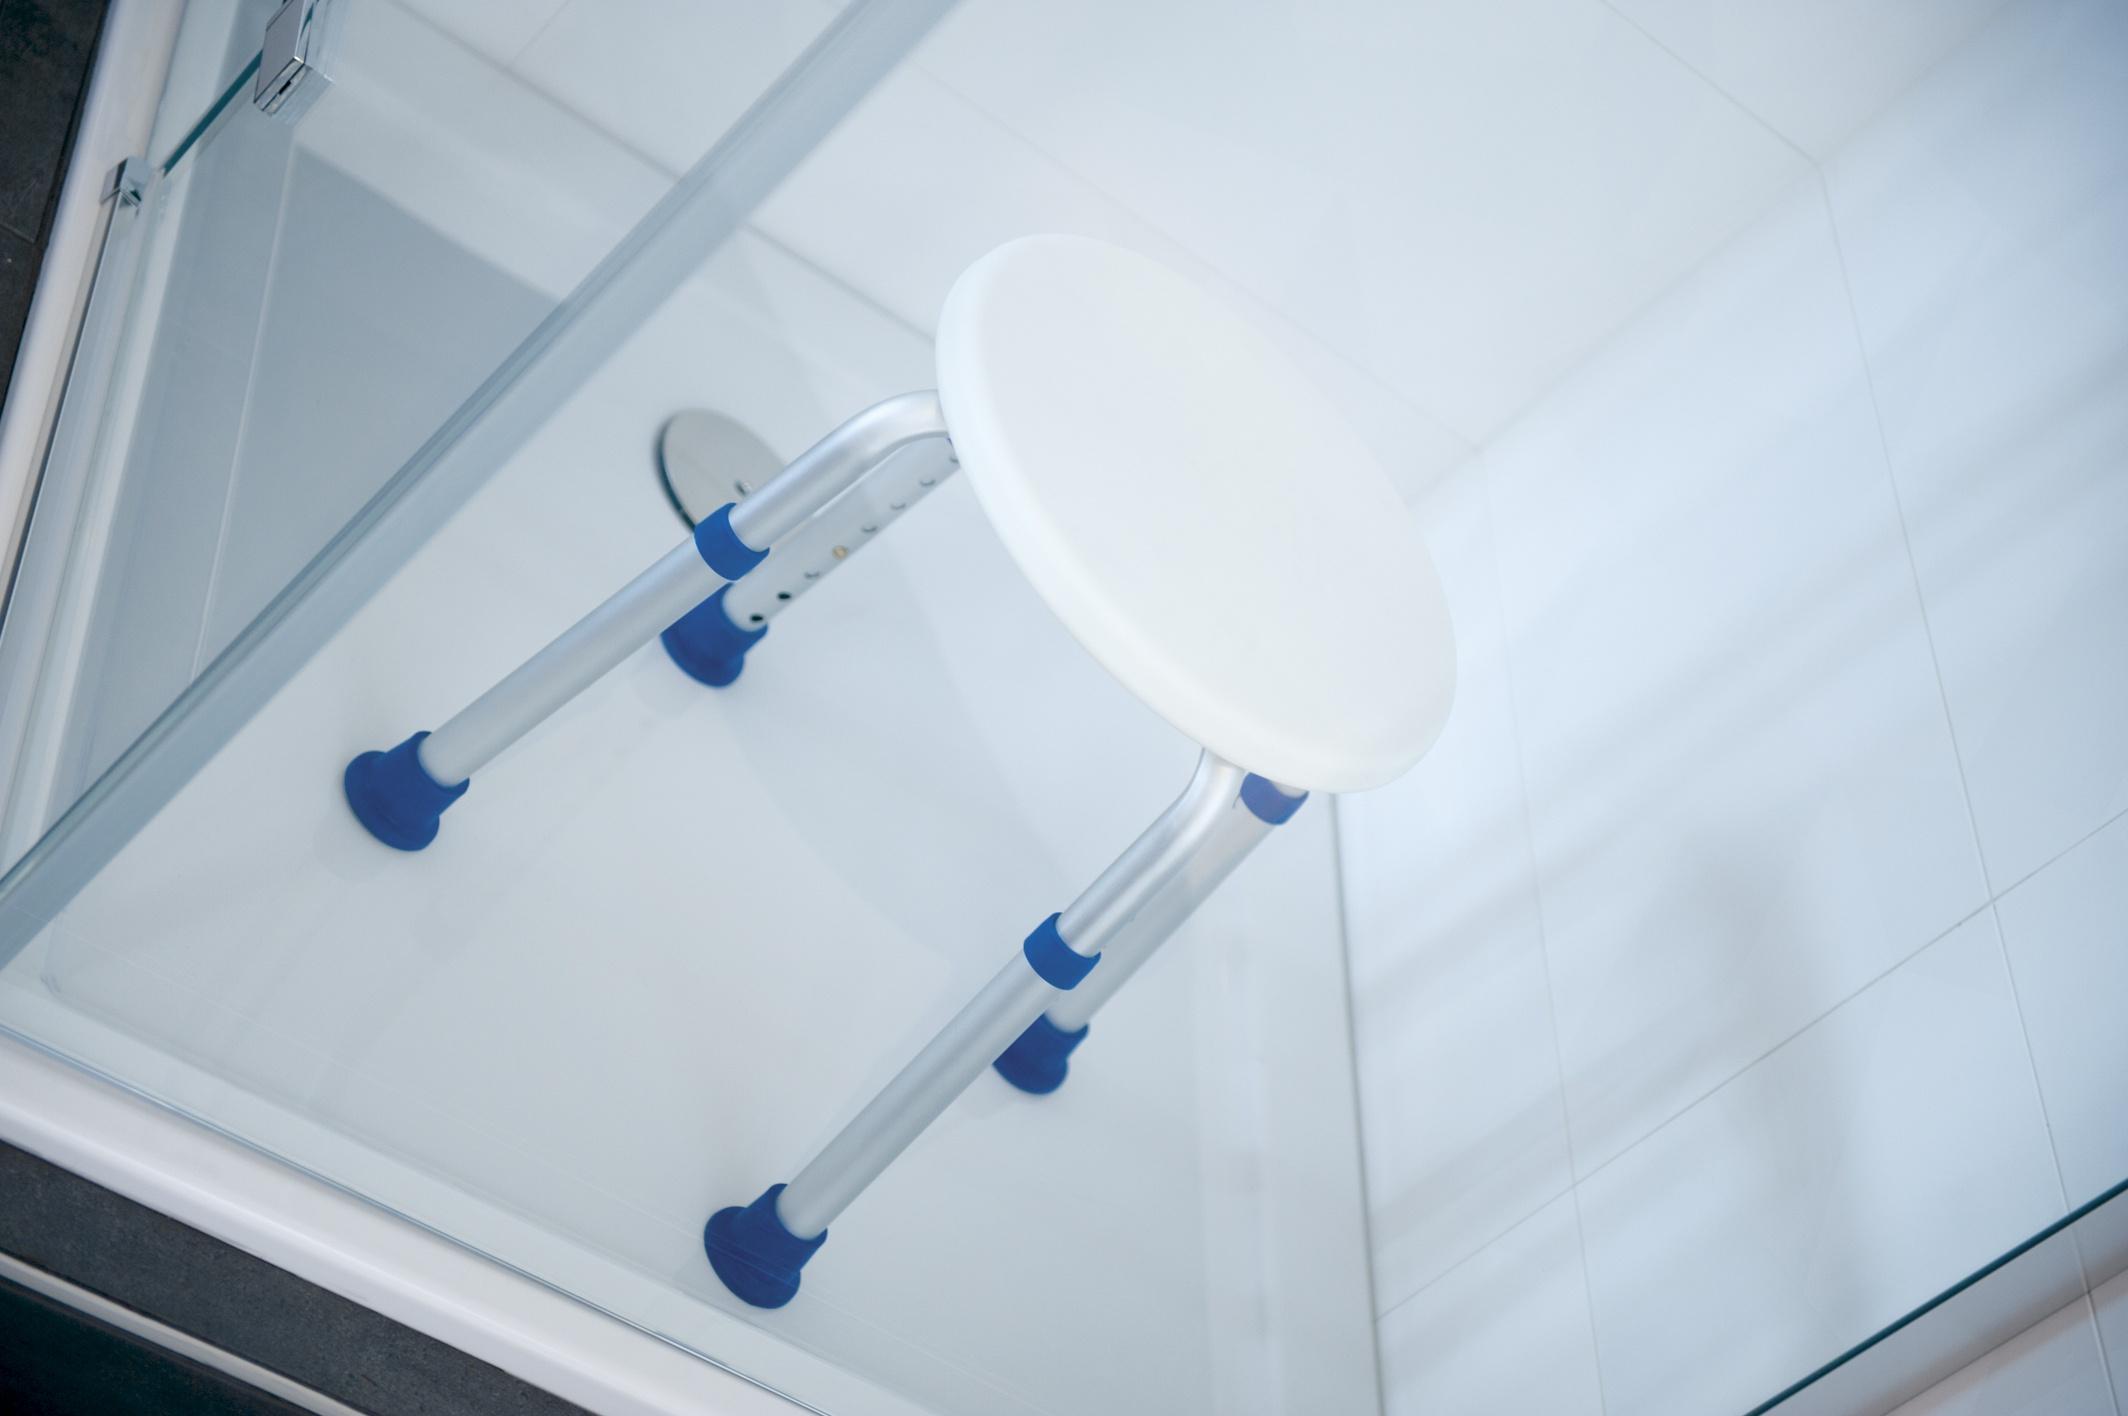 JINNY Taboret pielęgnacyjno-prysznicowy